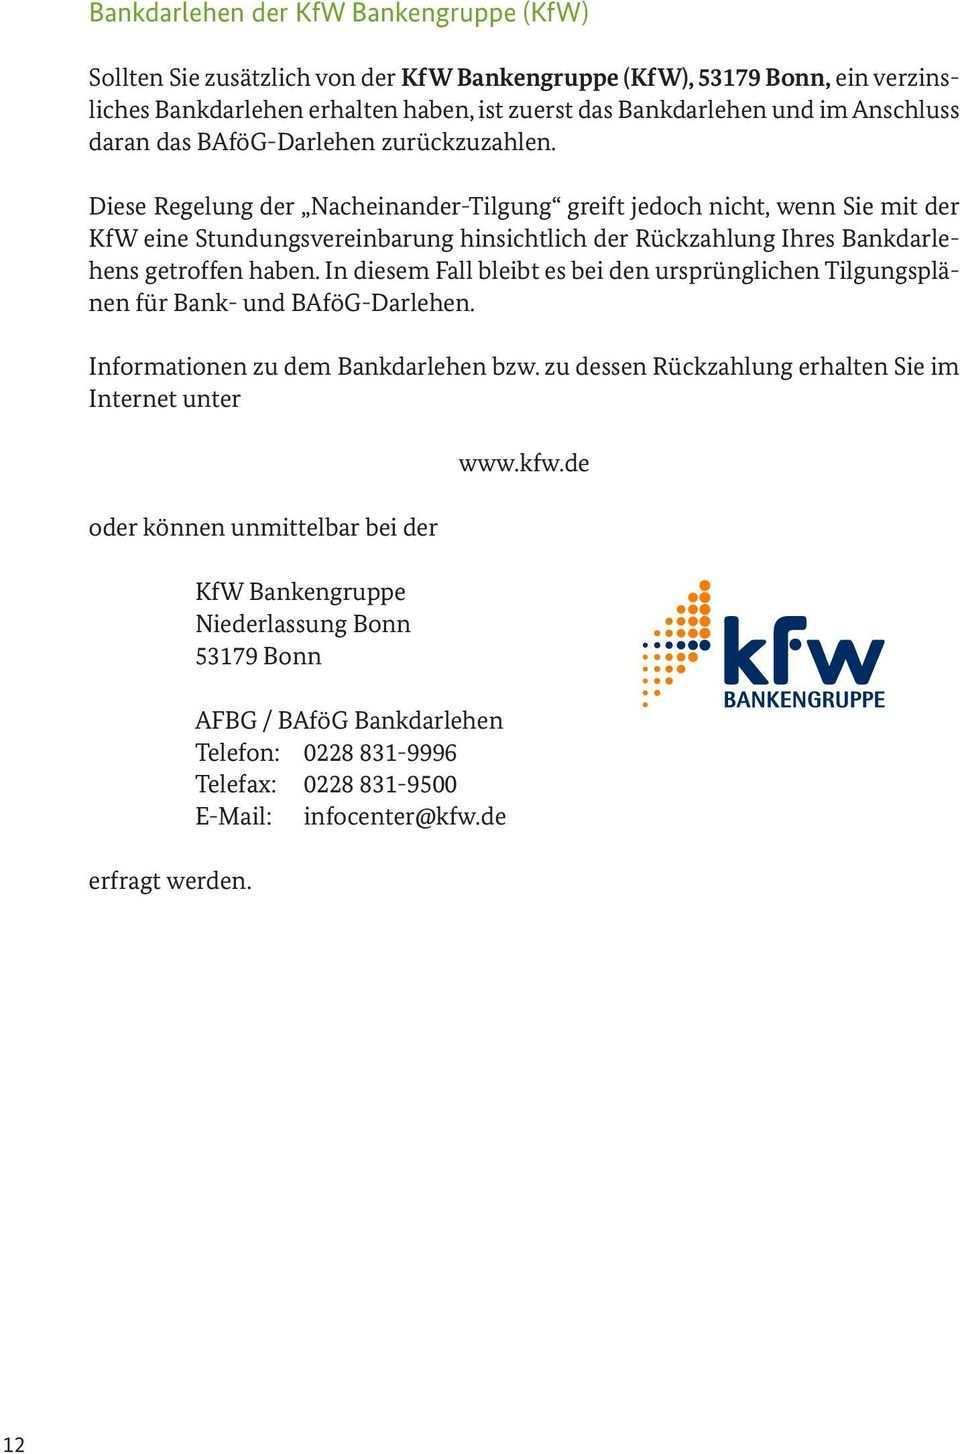 Jahre Bafog Darlehensverwaltung Und Einzug Nach Dem Bundesausbildungsforderungsgesetz Bafog Informationen Zur Darlehensruckzahlung Pdf Free Download